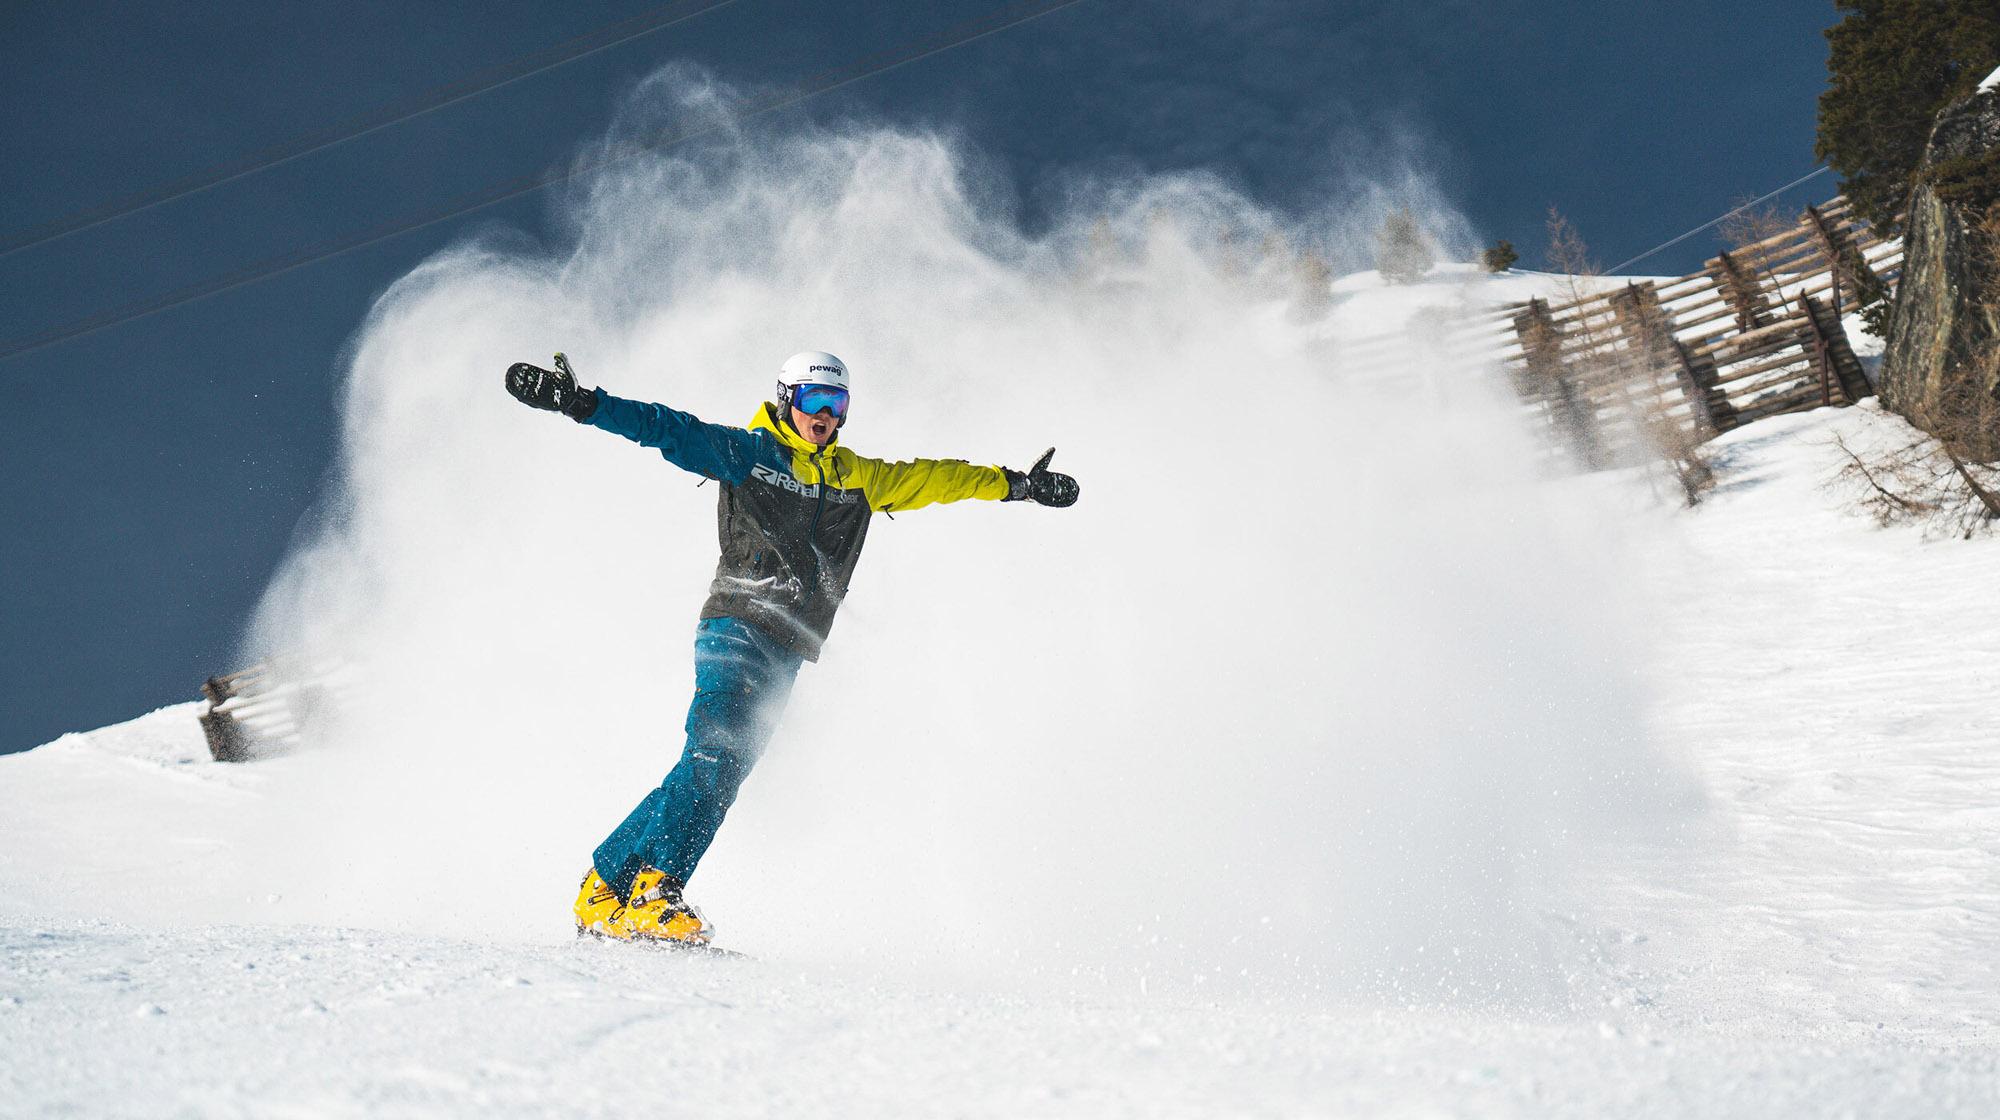 Komperdell-Snowboard Arvid Auner